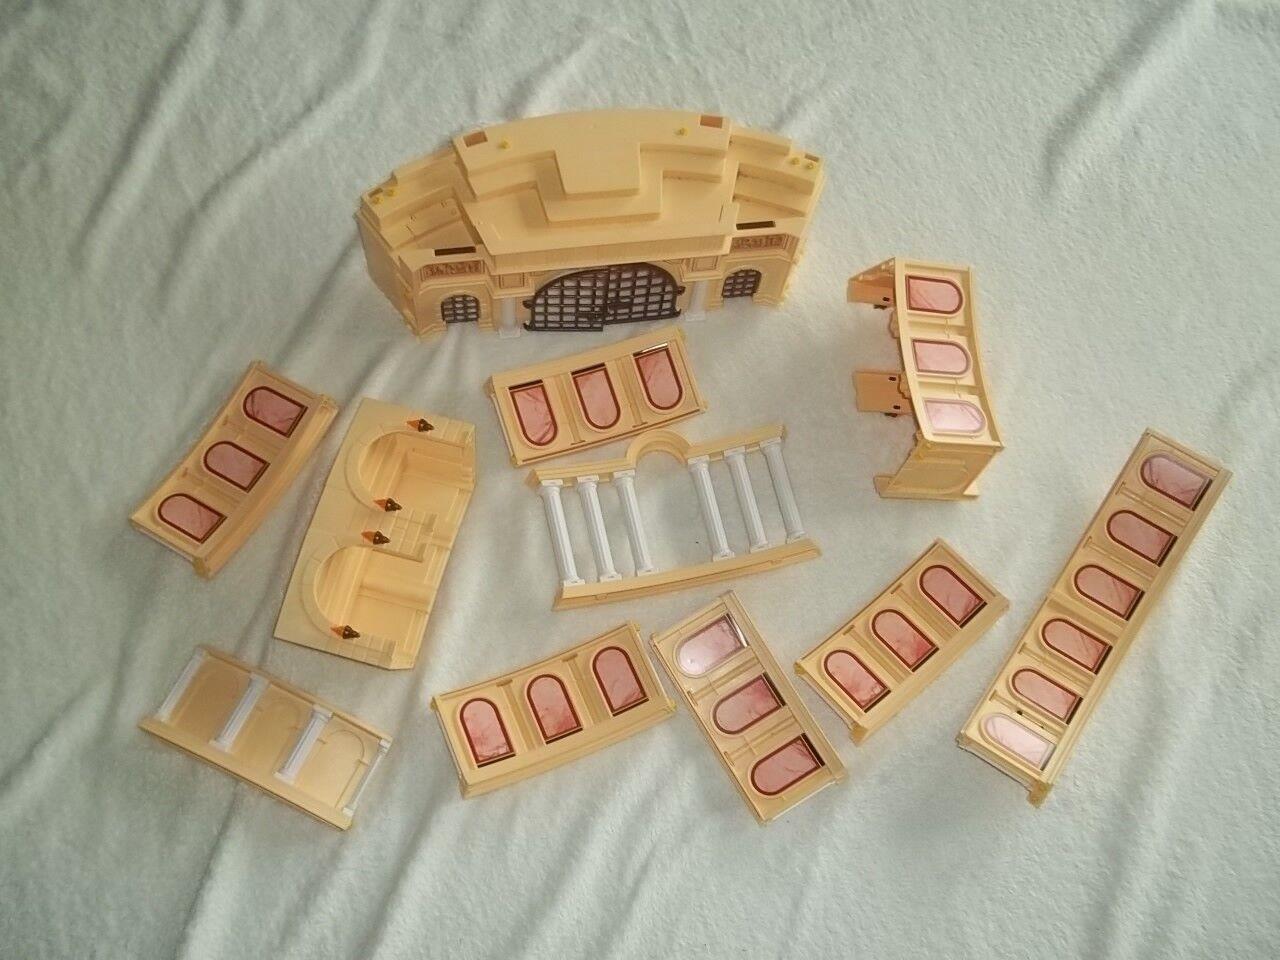 Playmobil 4270 Arena Kinder Spielen Bühne ohne Figuren gebraucht nicht komplett